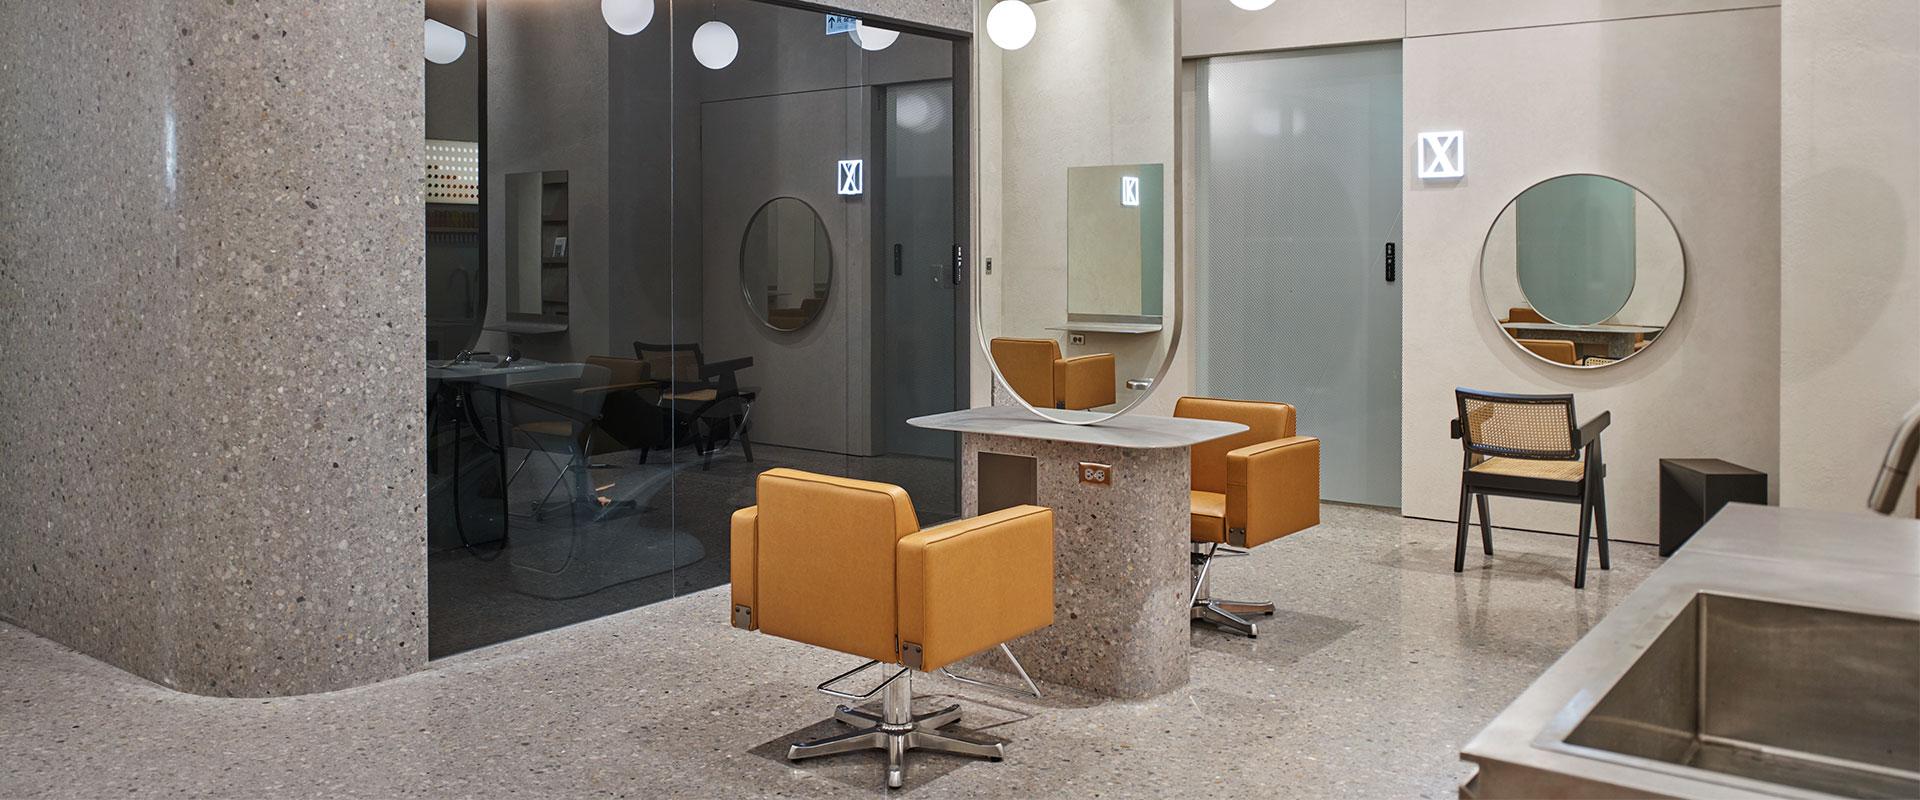 kerastrase-flux-salon---taipei-taiwan---SB-124---retail-04---OK